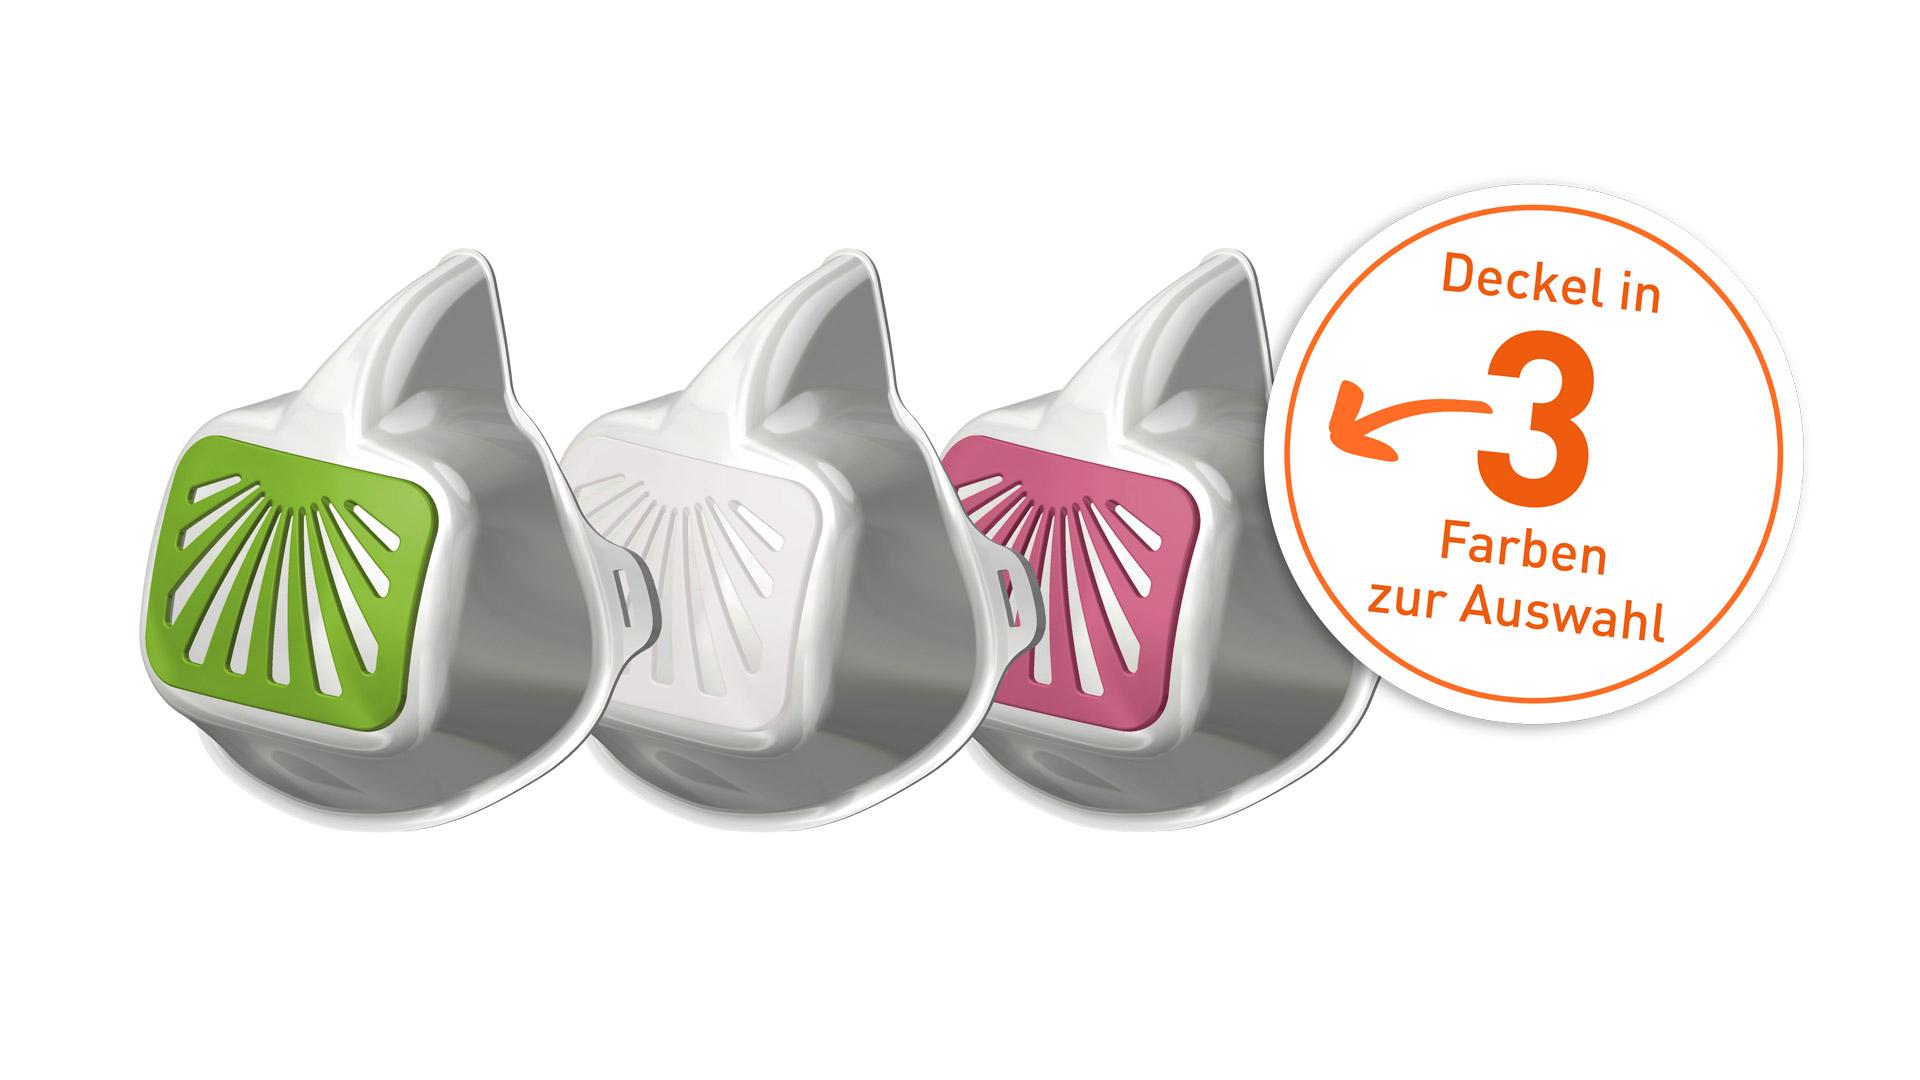 Mund Nasen Maske 3 Deckelfarben